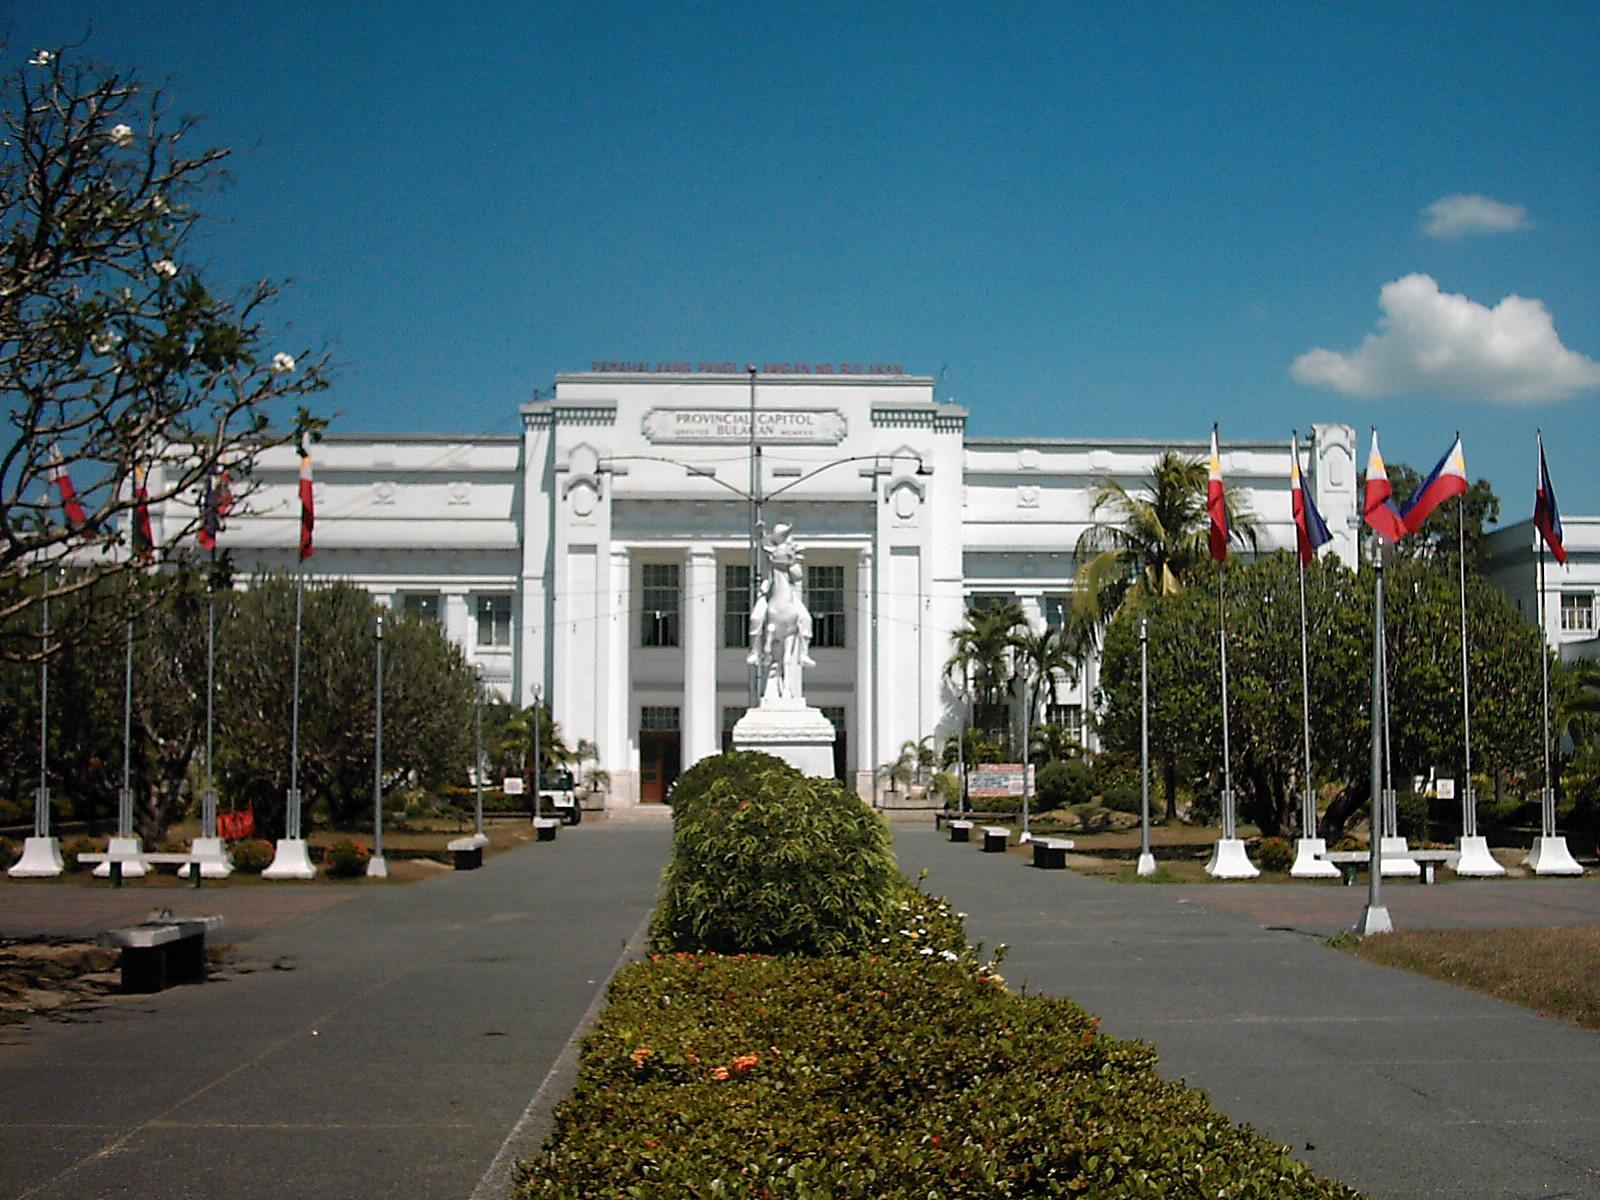 Bulacan provincial capitol building in Malolos...